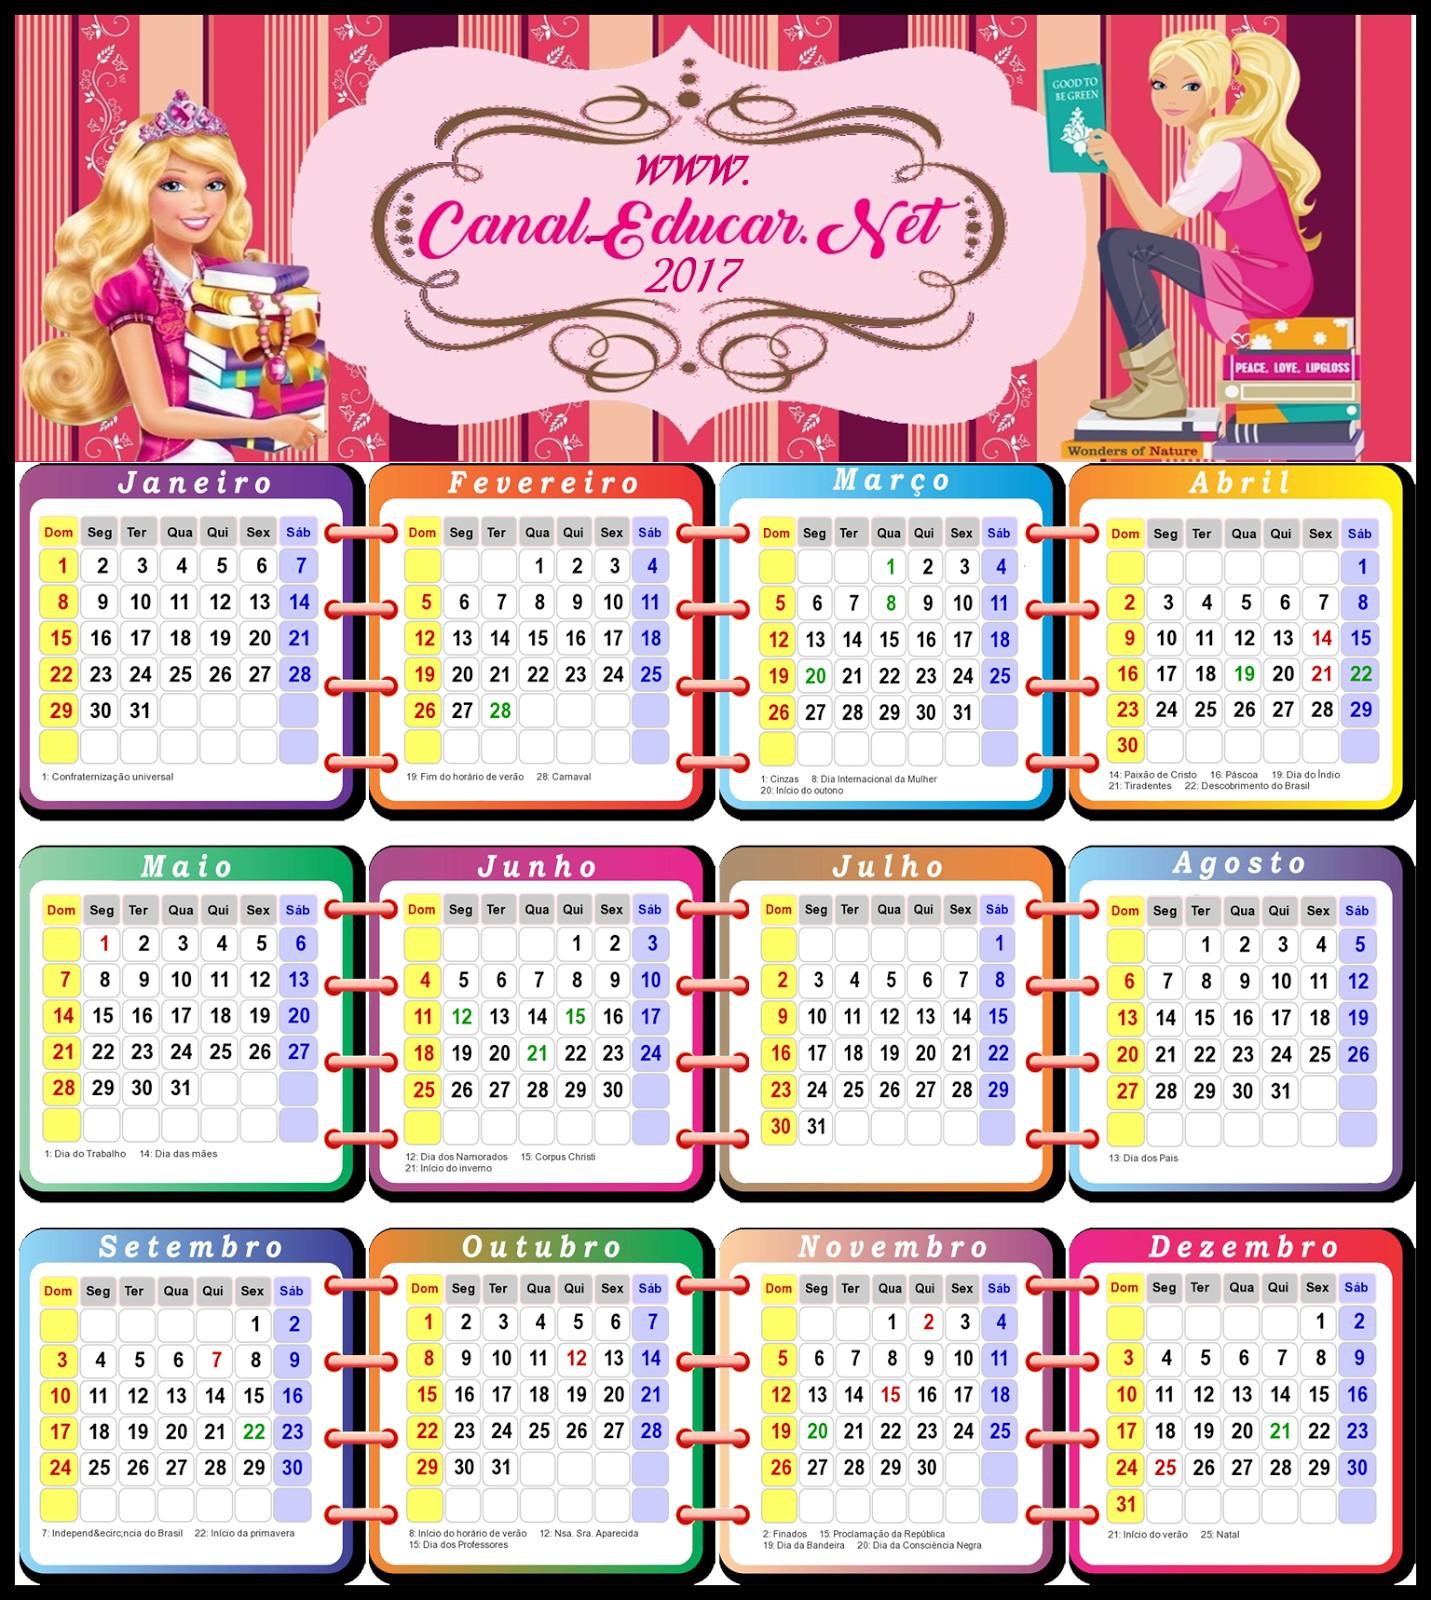 Calendário De 2019 Com Feriados Nacionais Más Recientes Educar Dezembro 2016 Of Calendário De 2019 Com Feriados Nacionais Más Actual Calendario 2016 Ms De Abril Mickey E Minnie T